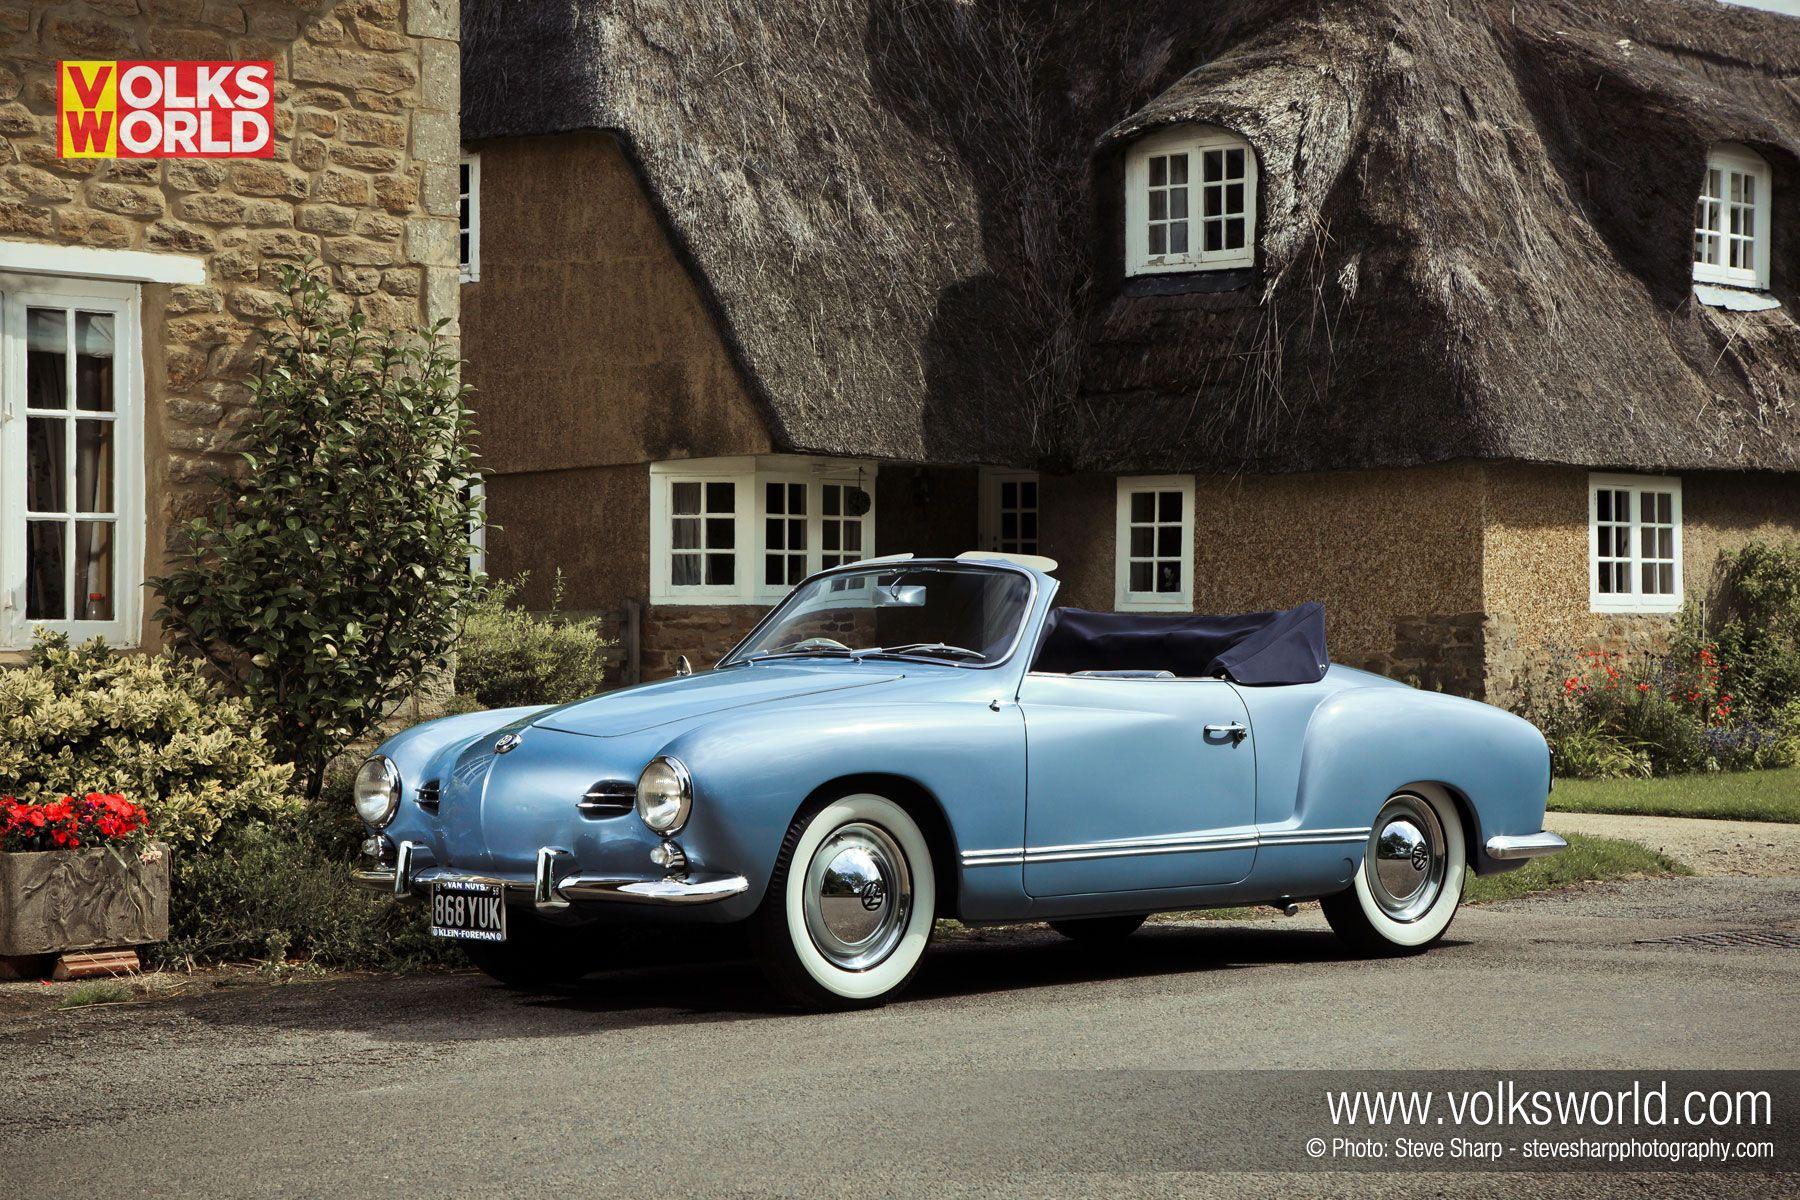 classics for ghia streetside volkswagen itm ebay phx sale karmann